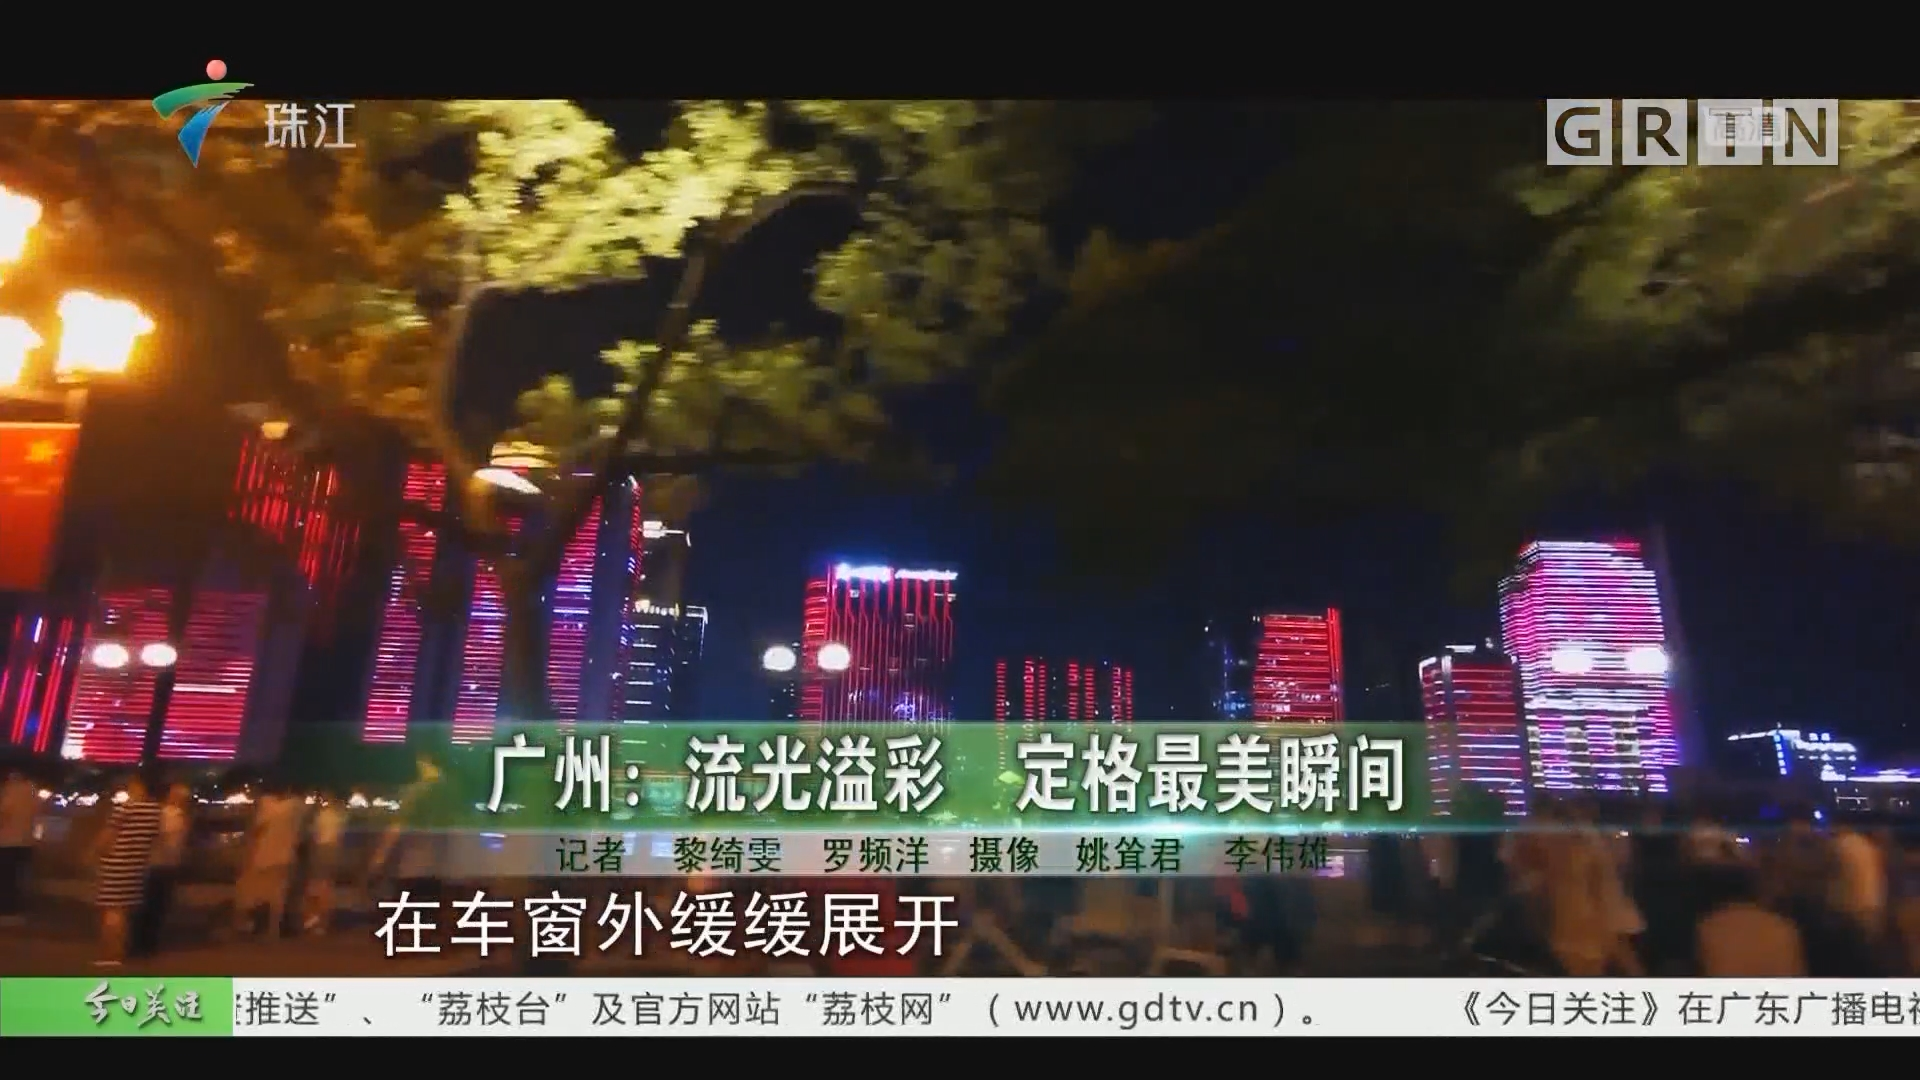 广州:流光溢彩 定格最美瞬间